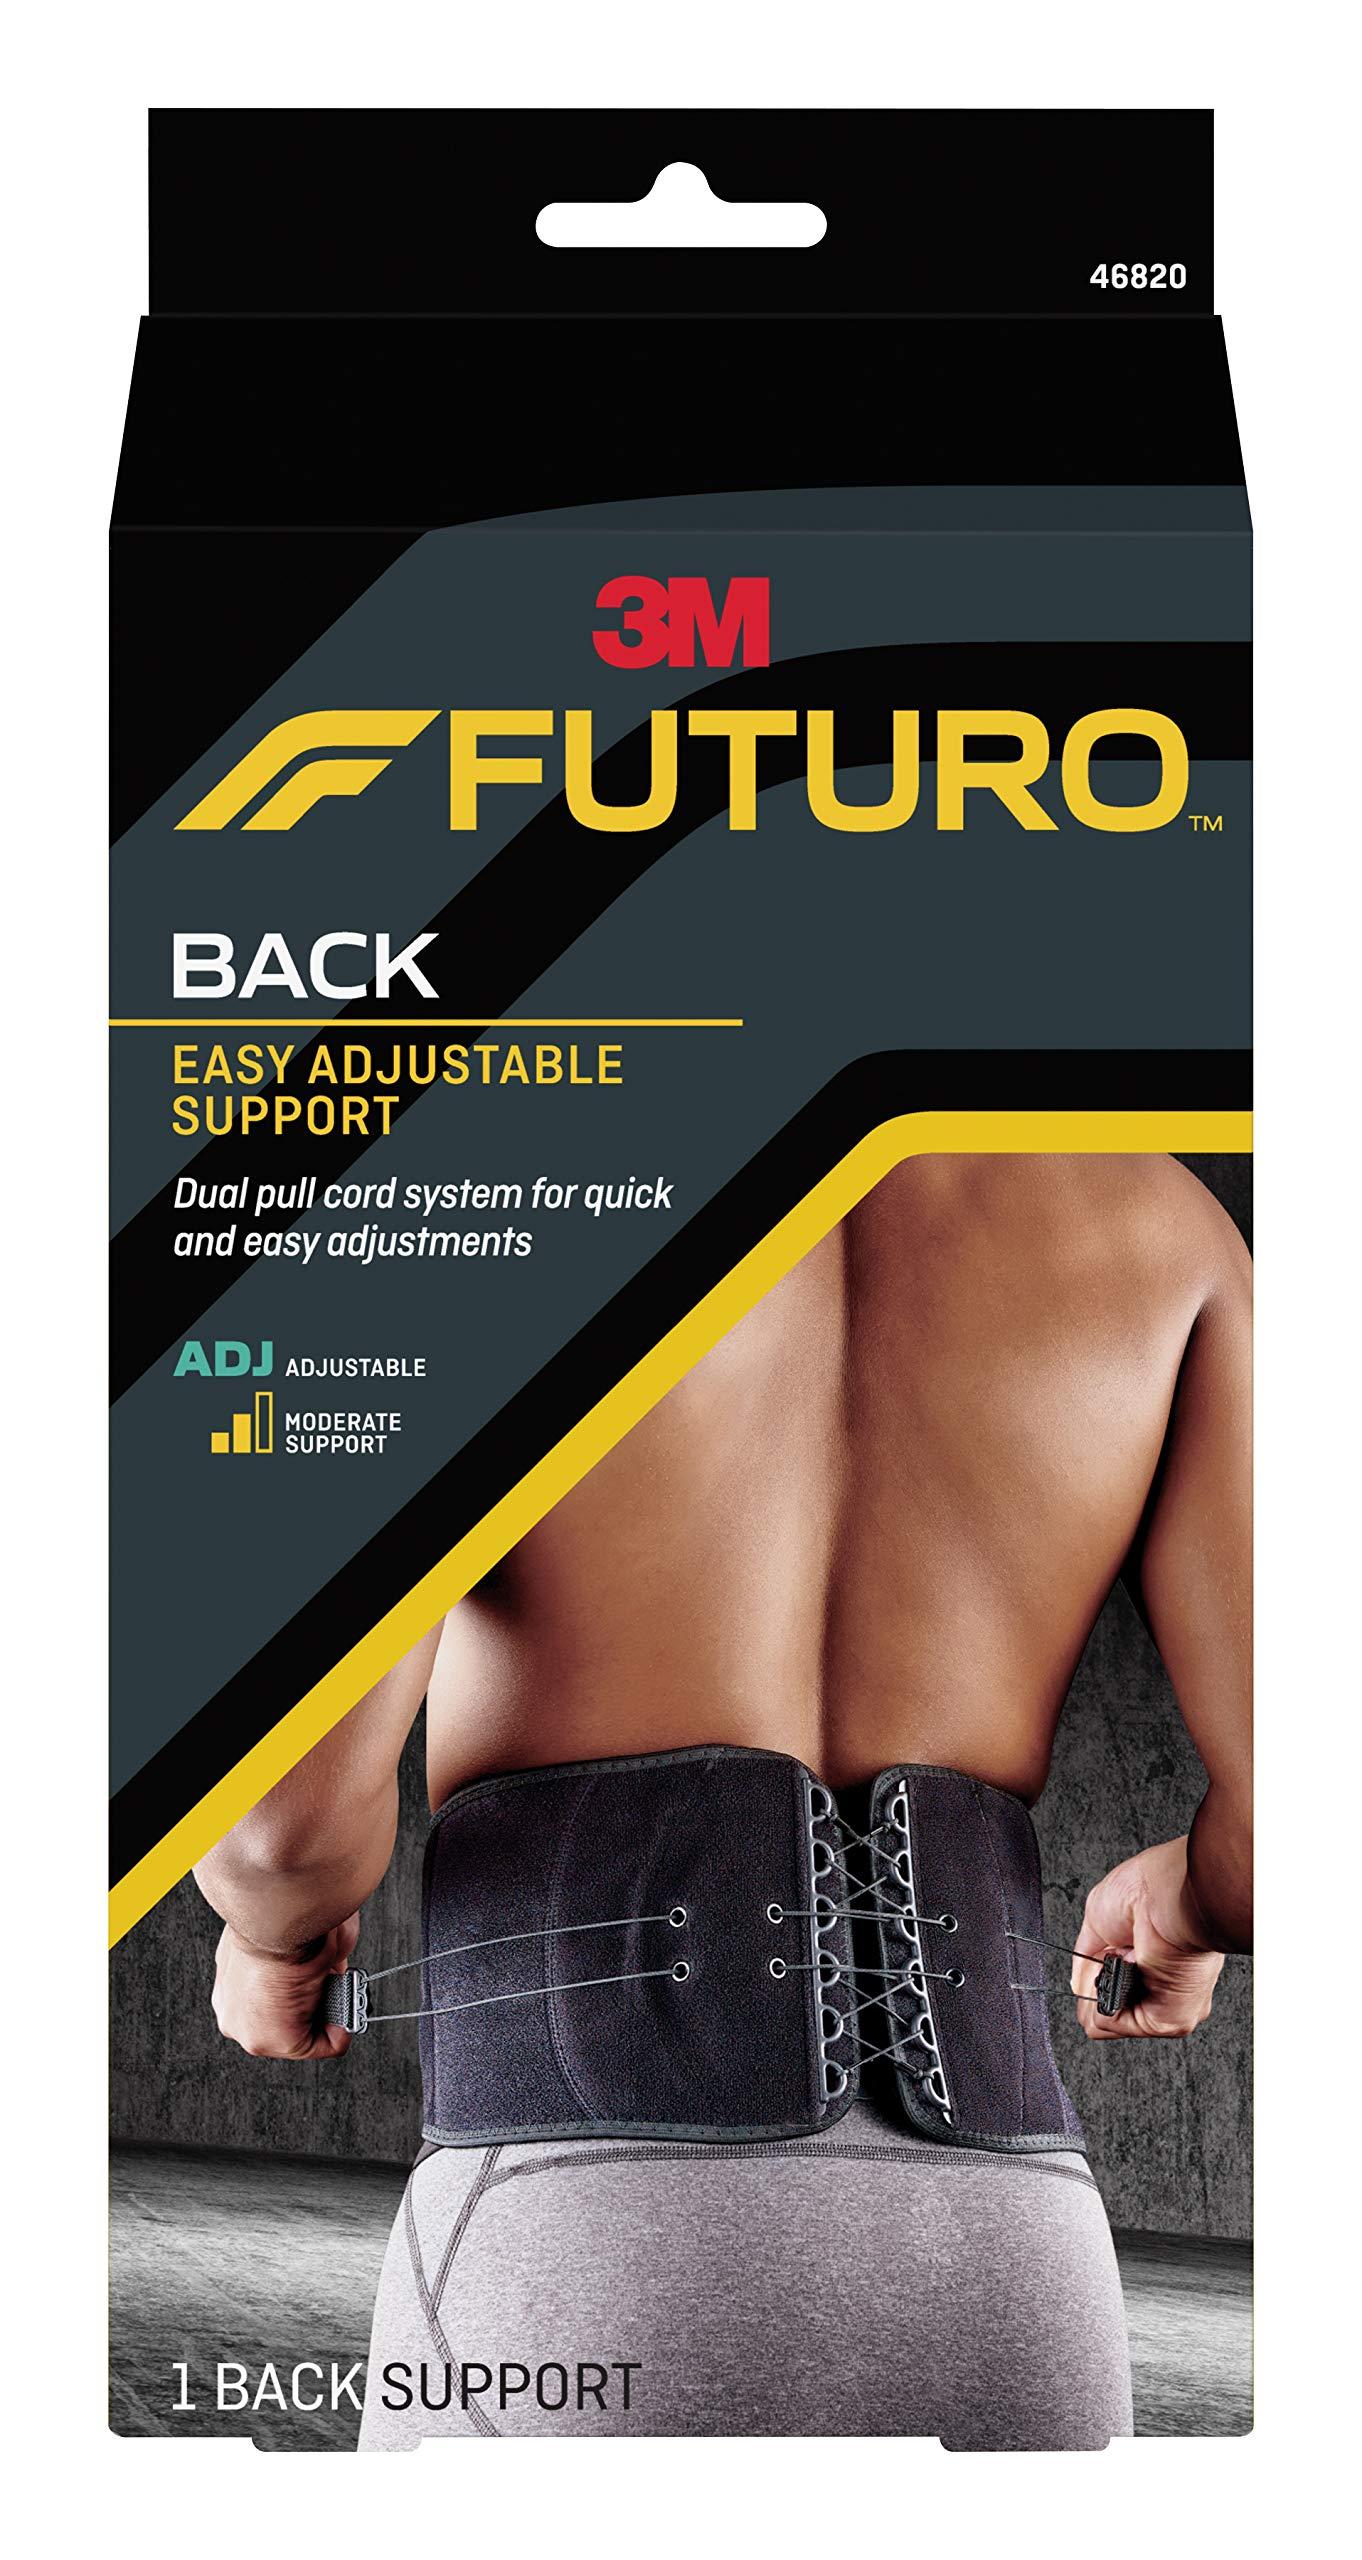 3ecf02ffab8e4e Amazon.com  Futuro for Her Slim Silhouette Back Support